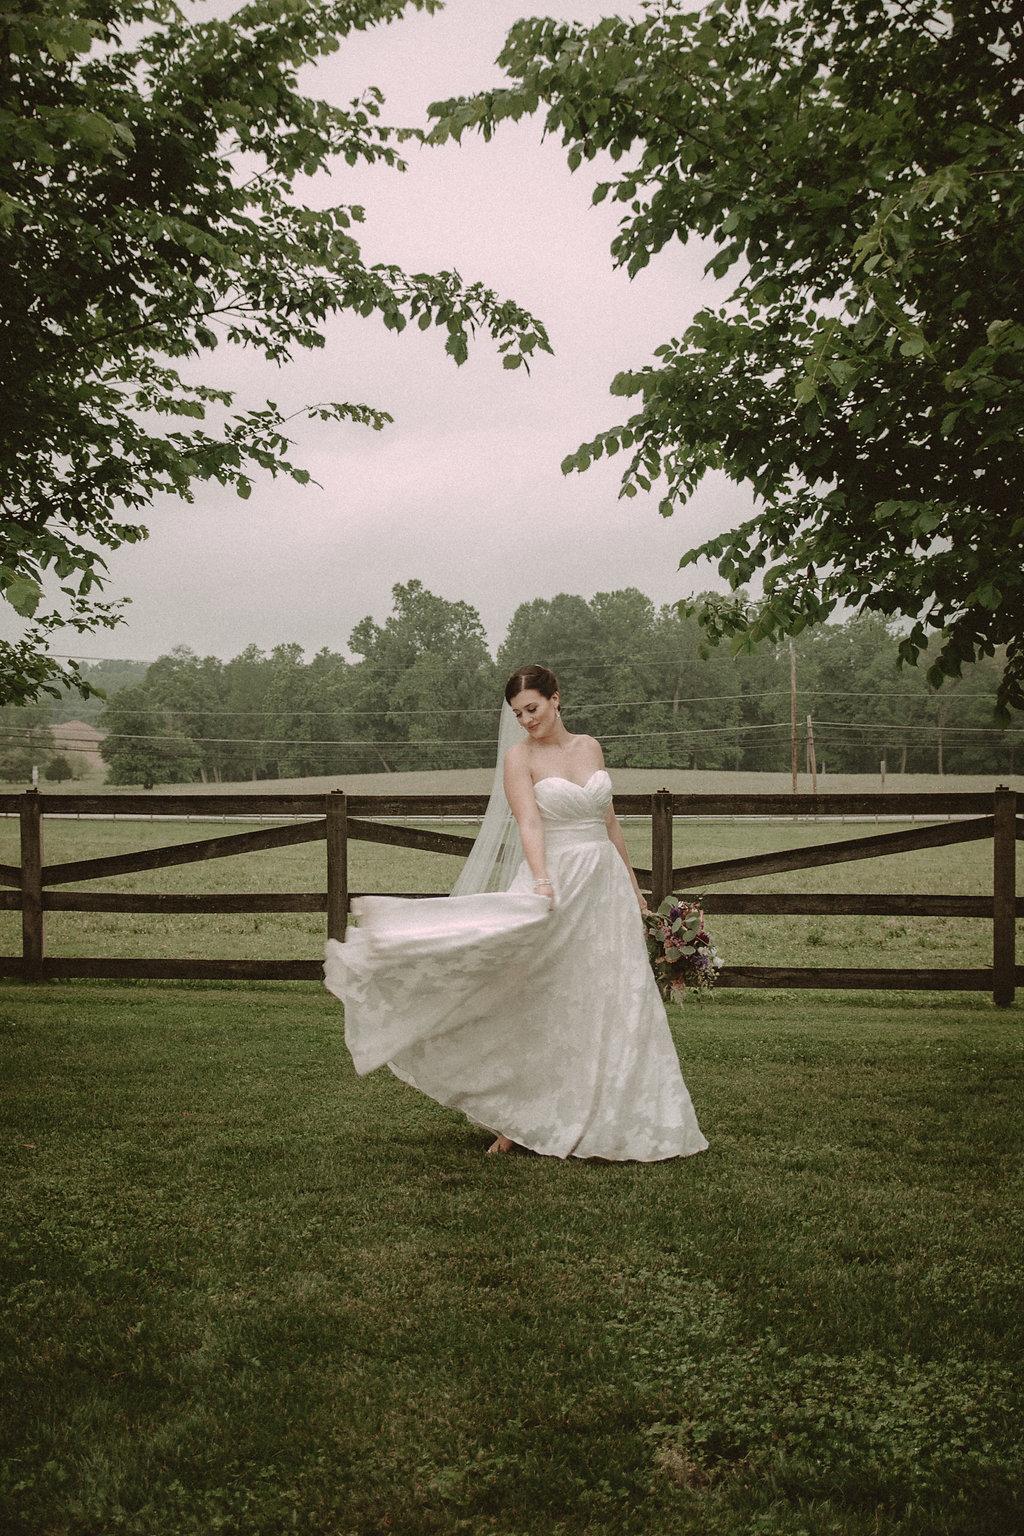 Bride posing in field